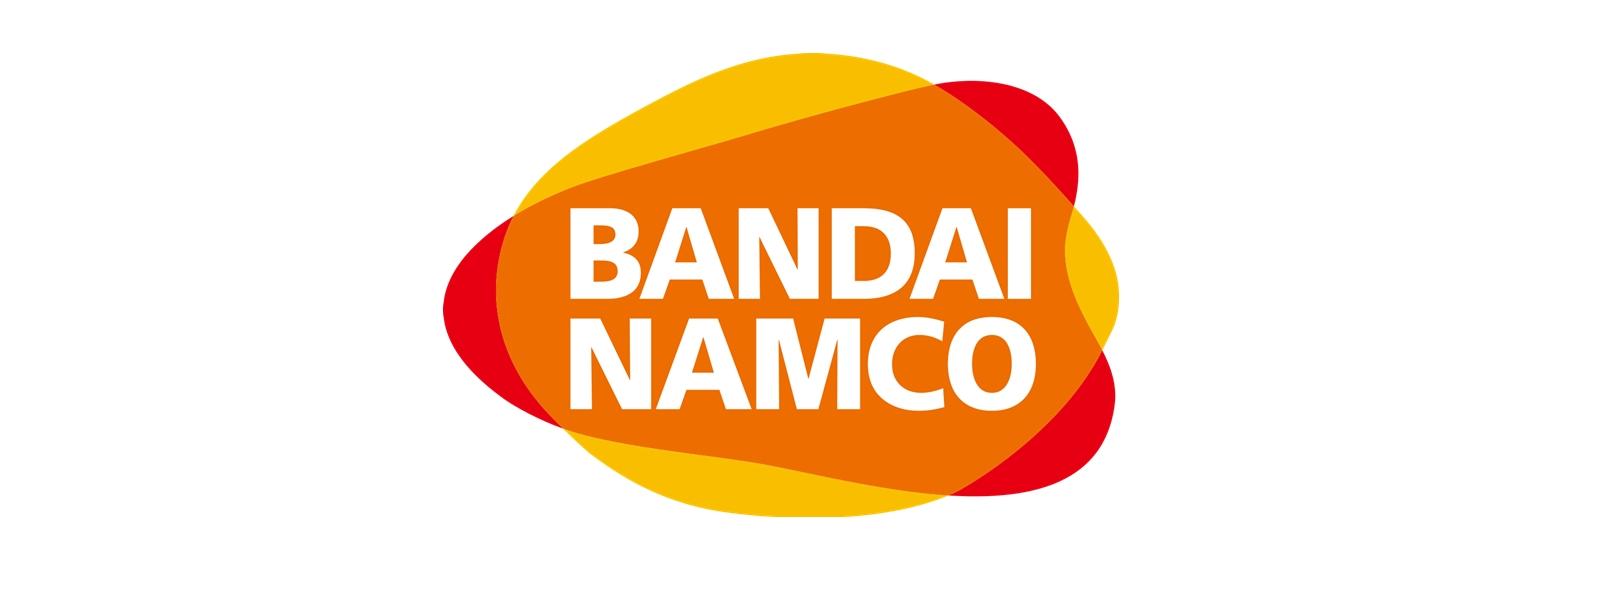 Bandai Namco понравились новые легендарные покемоны